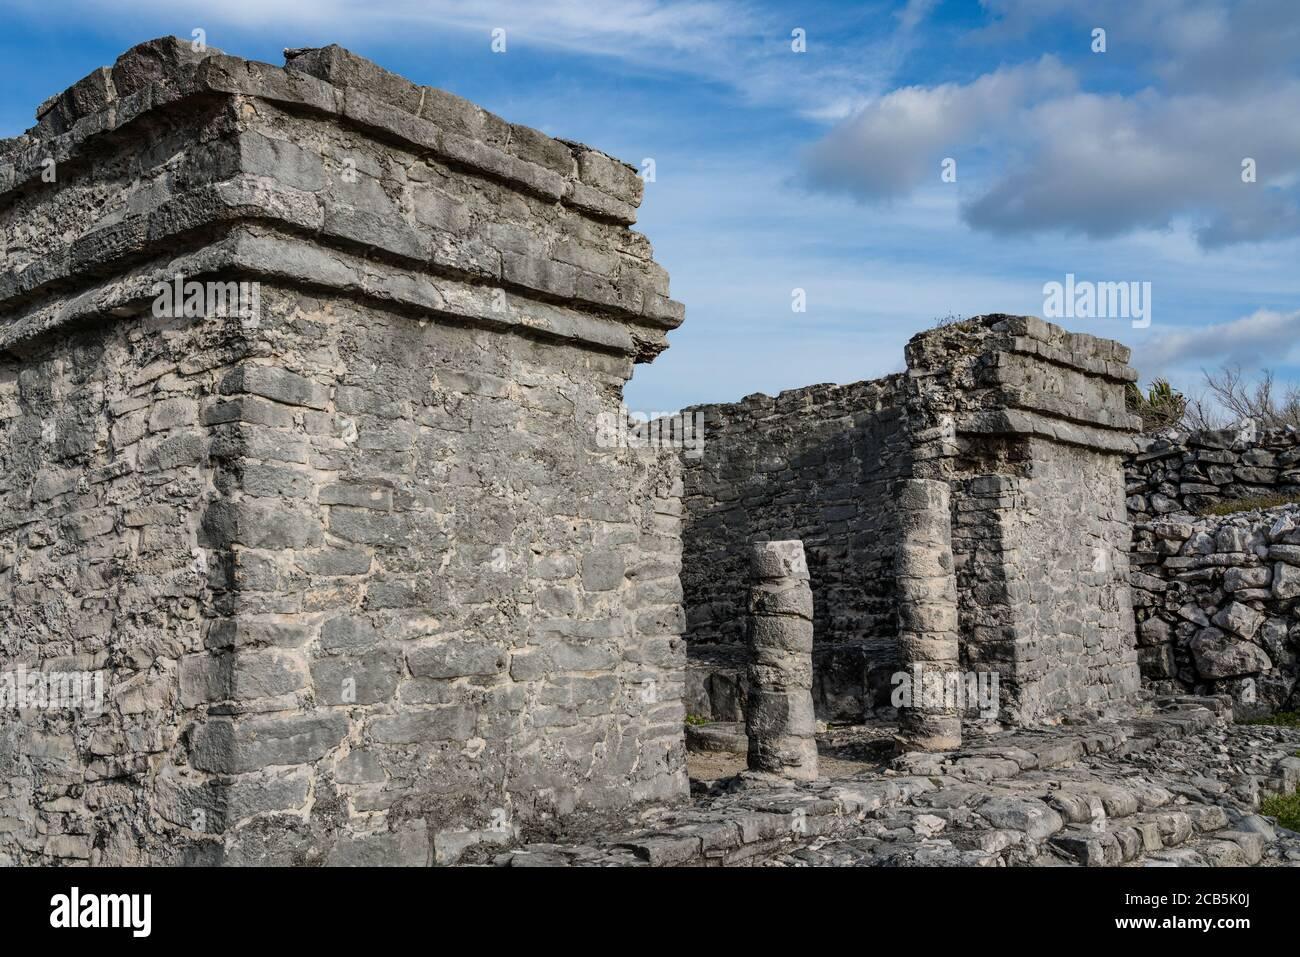 La Casa del Cenote nelle rovine della città maya di Tulum sulla costa del Mar dei Caraibi. Tulum National Park, Quintana Roo, Messico. Io Foto Stock